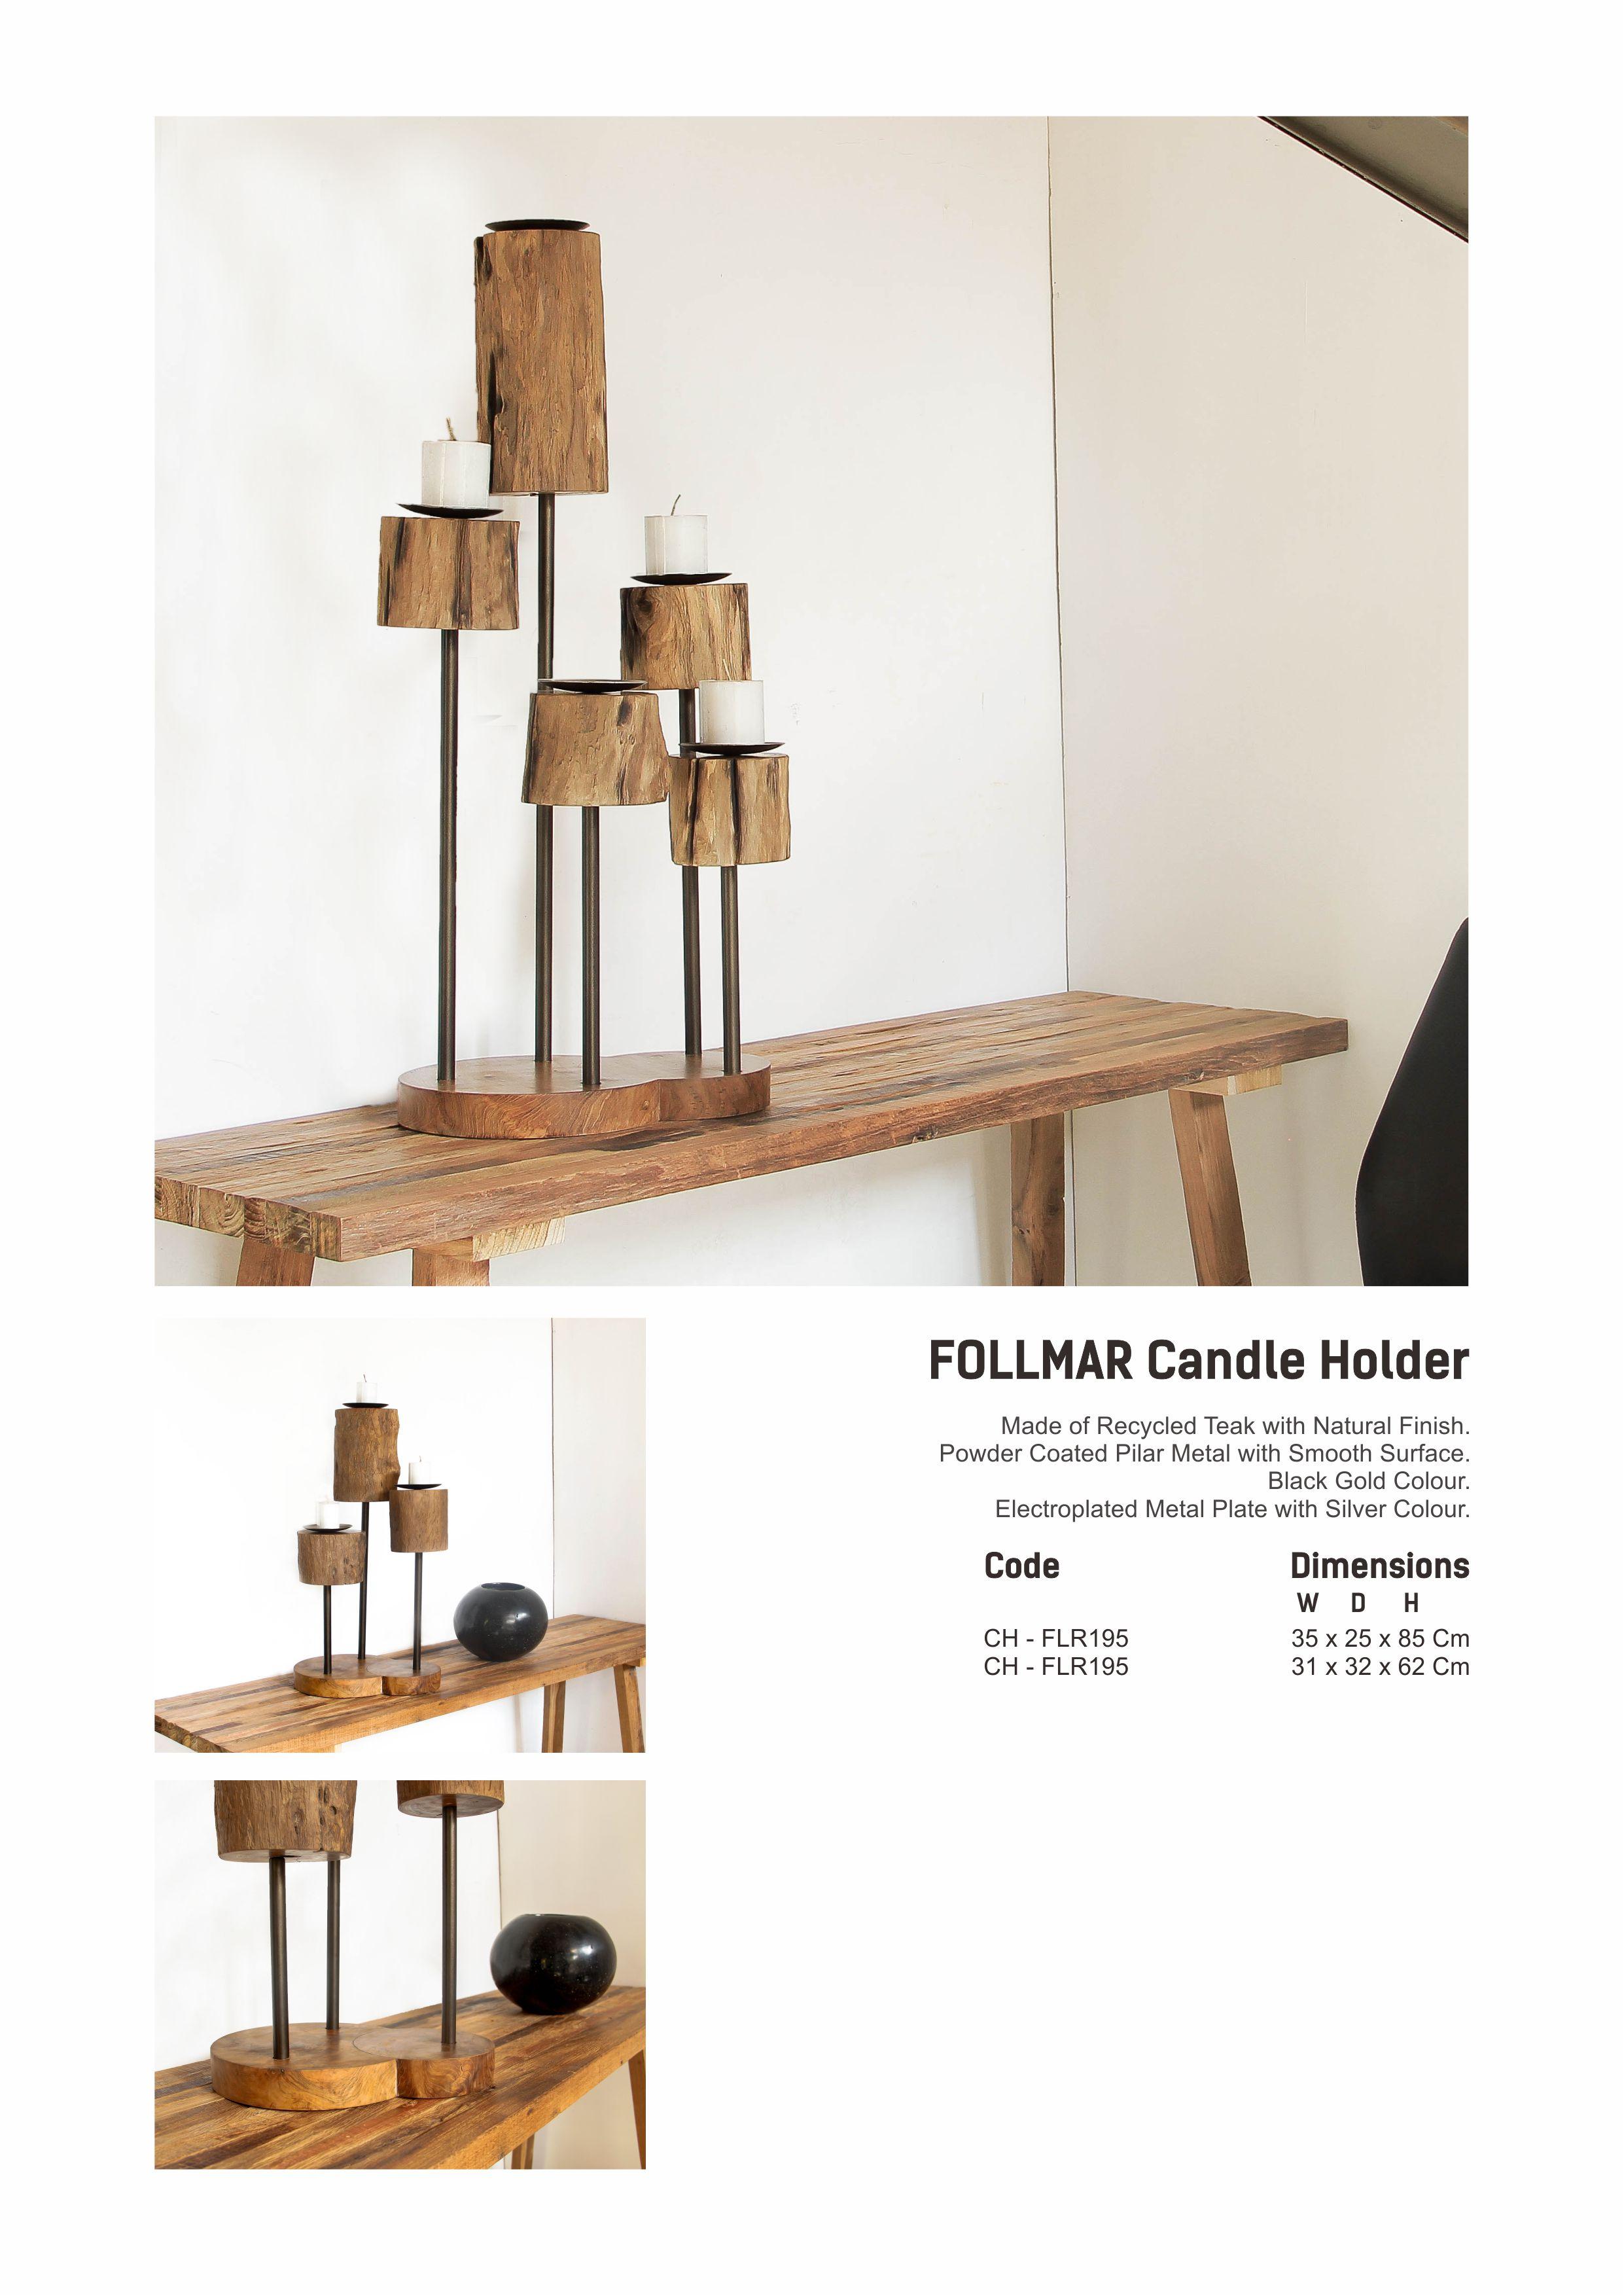 19. FOLMAR Candle Holder